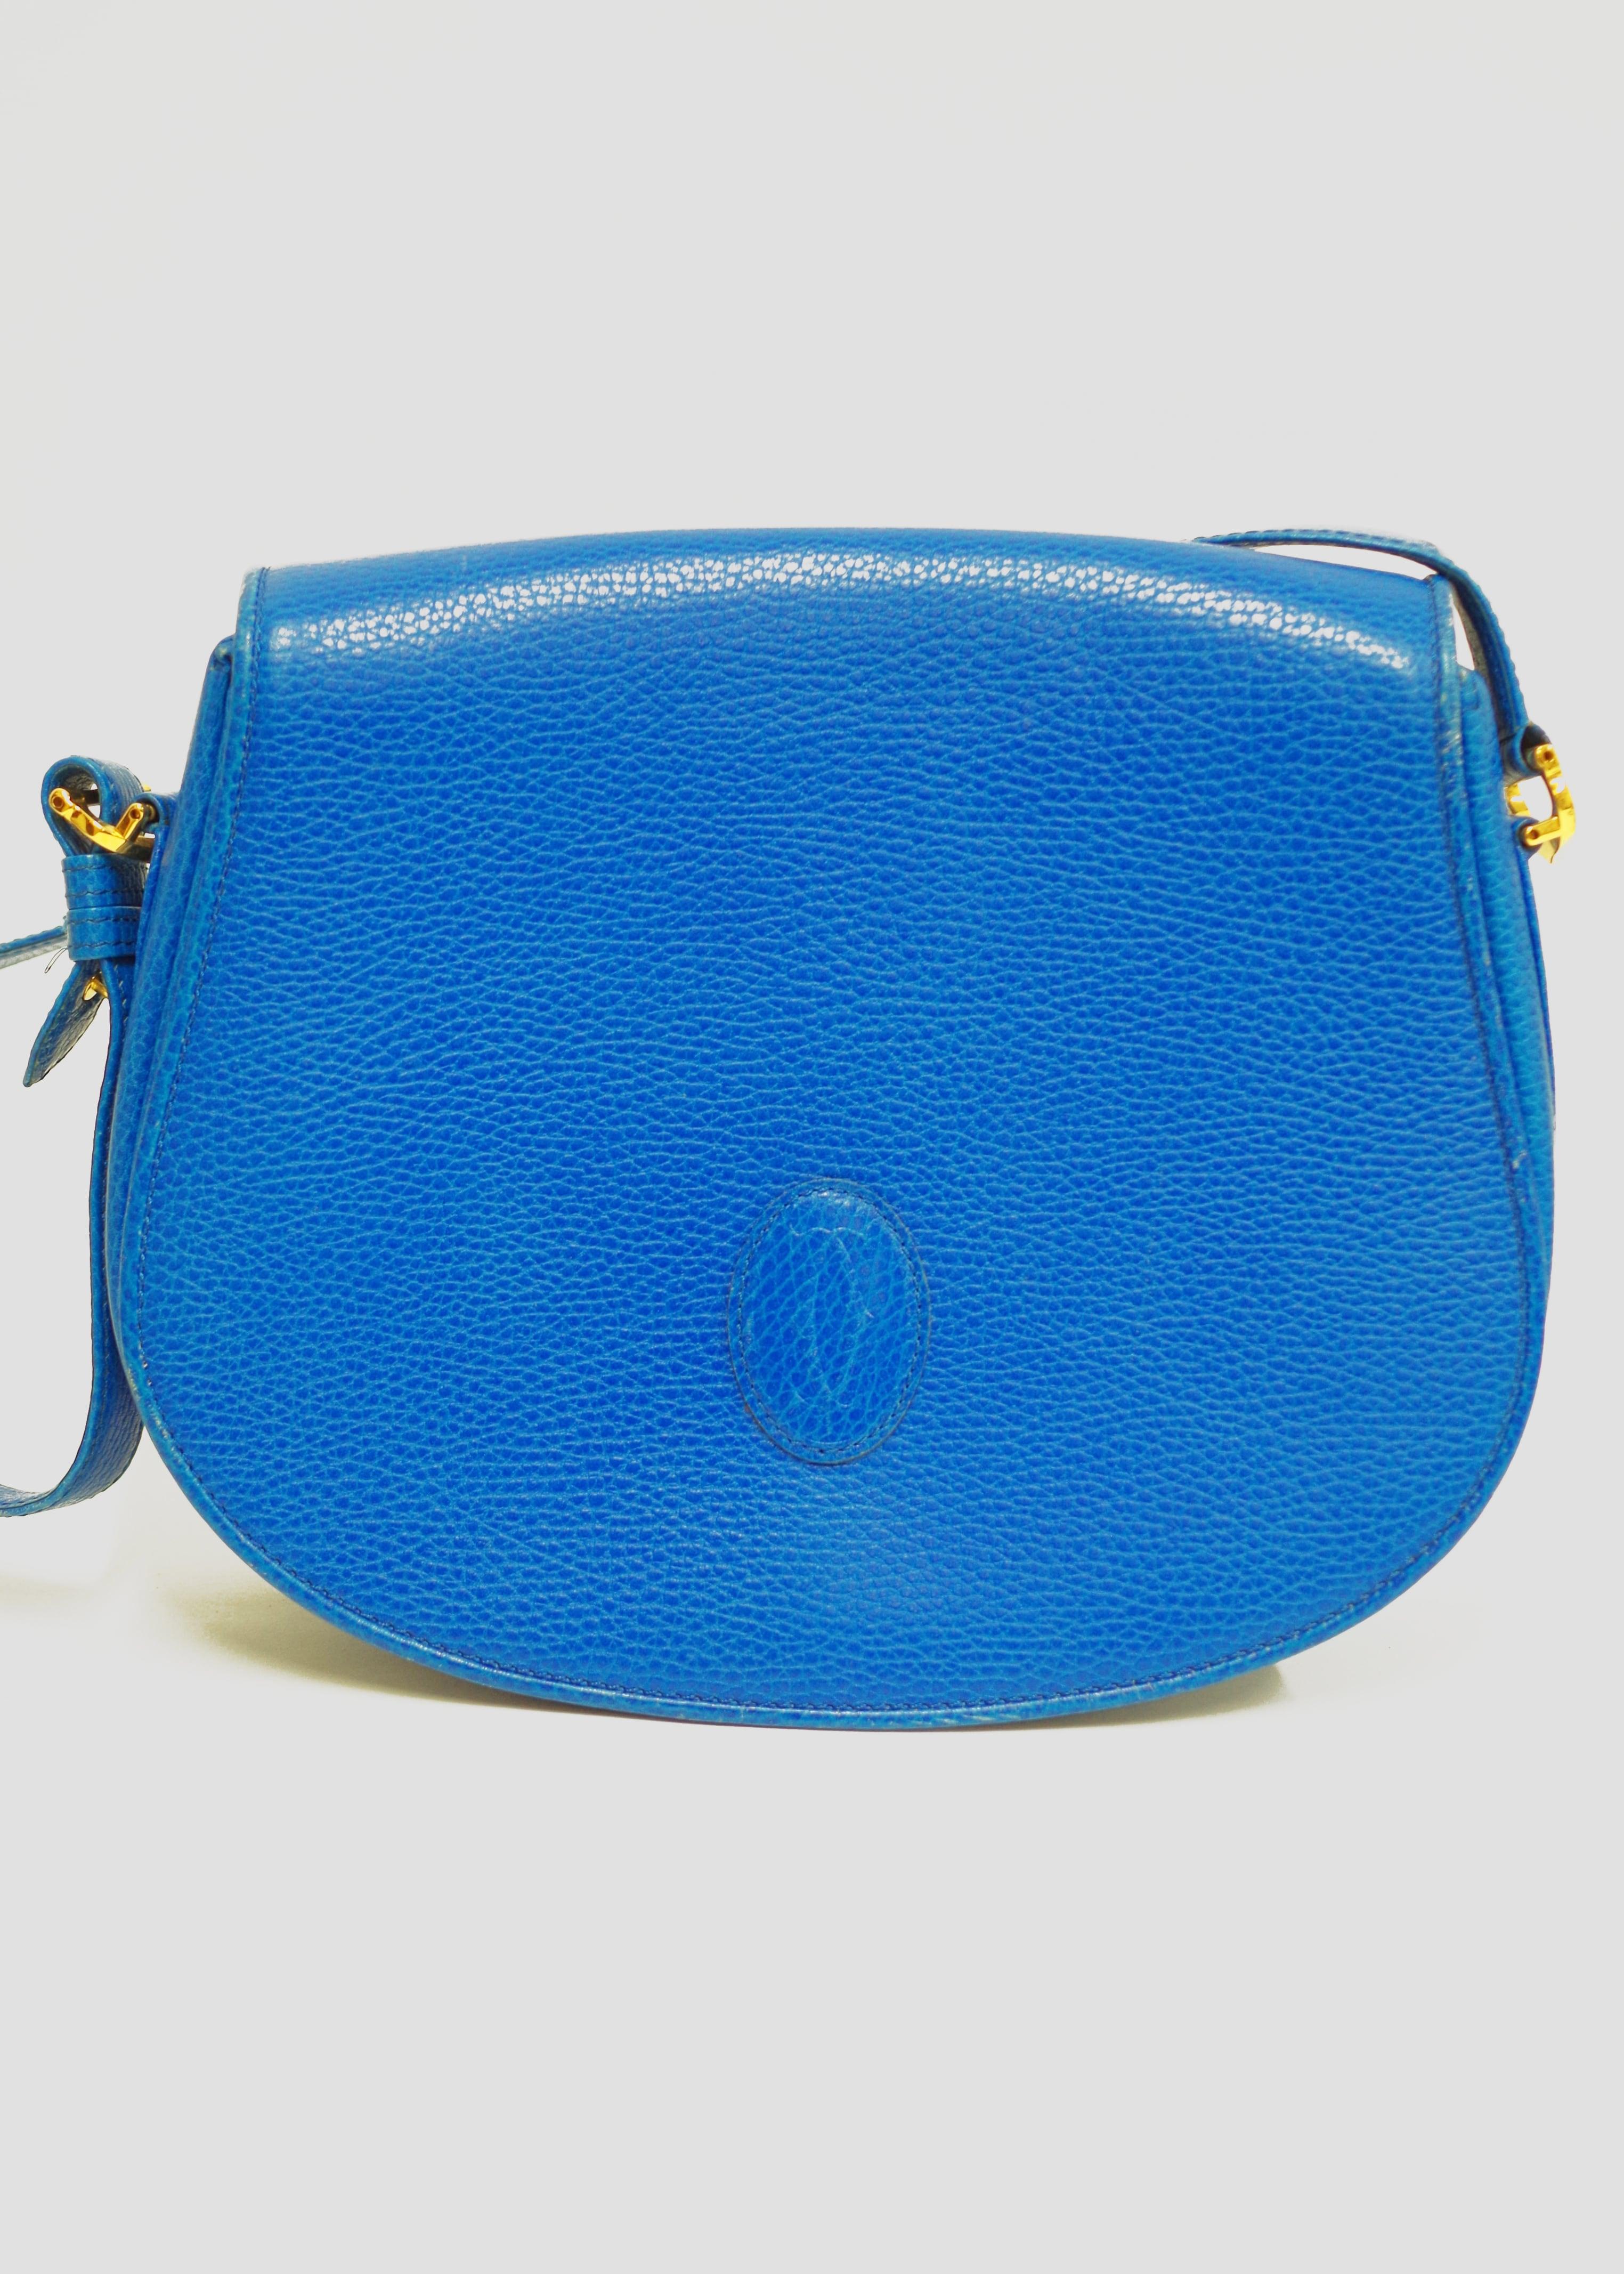 Cartier カルティエ ショルダーバッグ ブルー